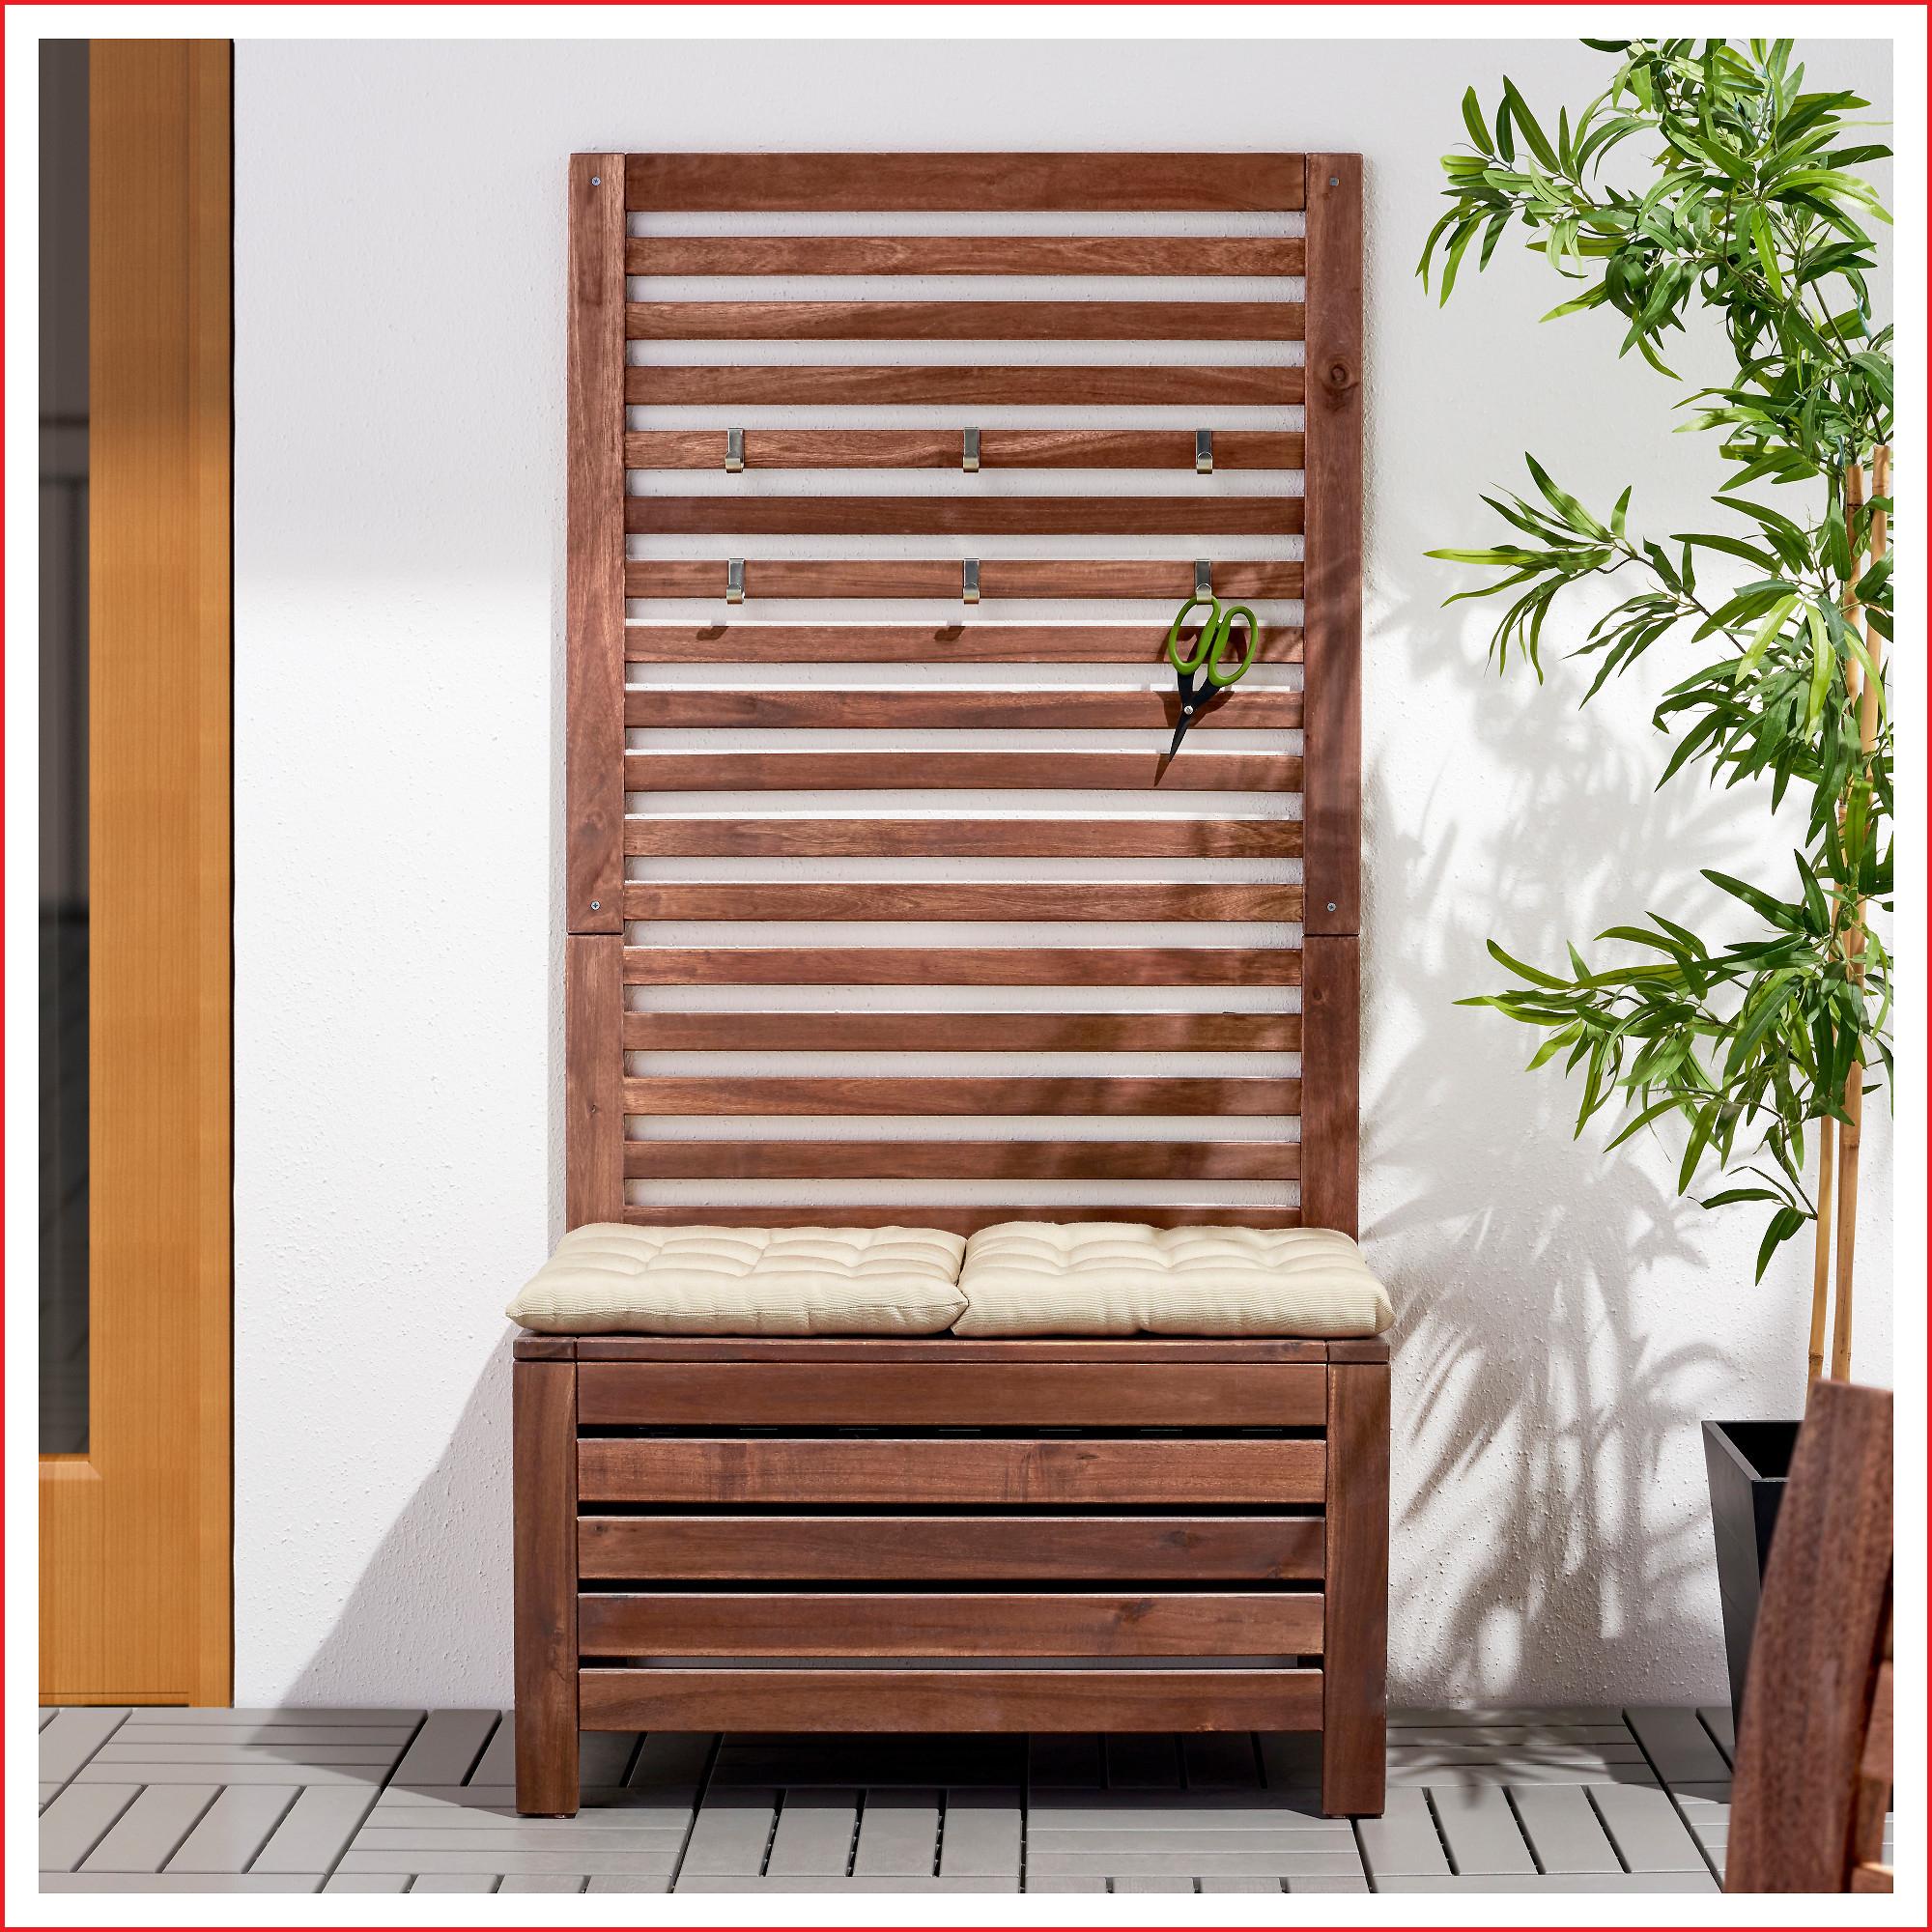 Bancos De Jardin Ikea Zwd9 Paneles De Madera Para Jardin Bancos Ikea De Catalogo Jardn Y